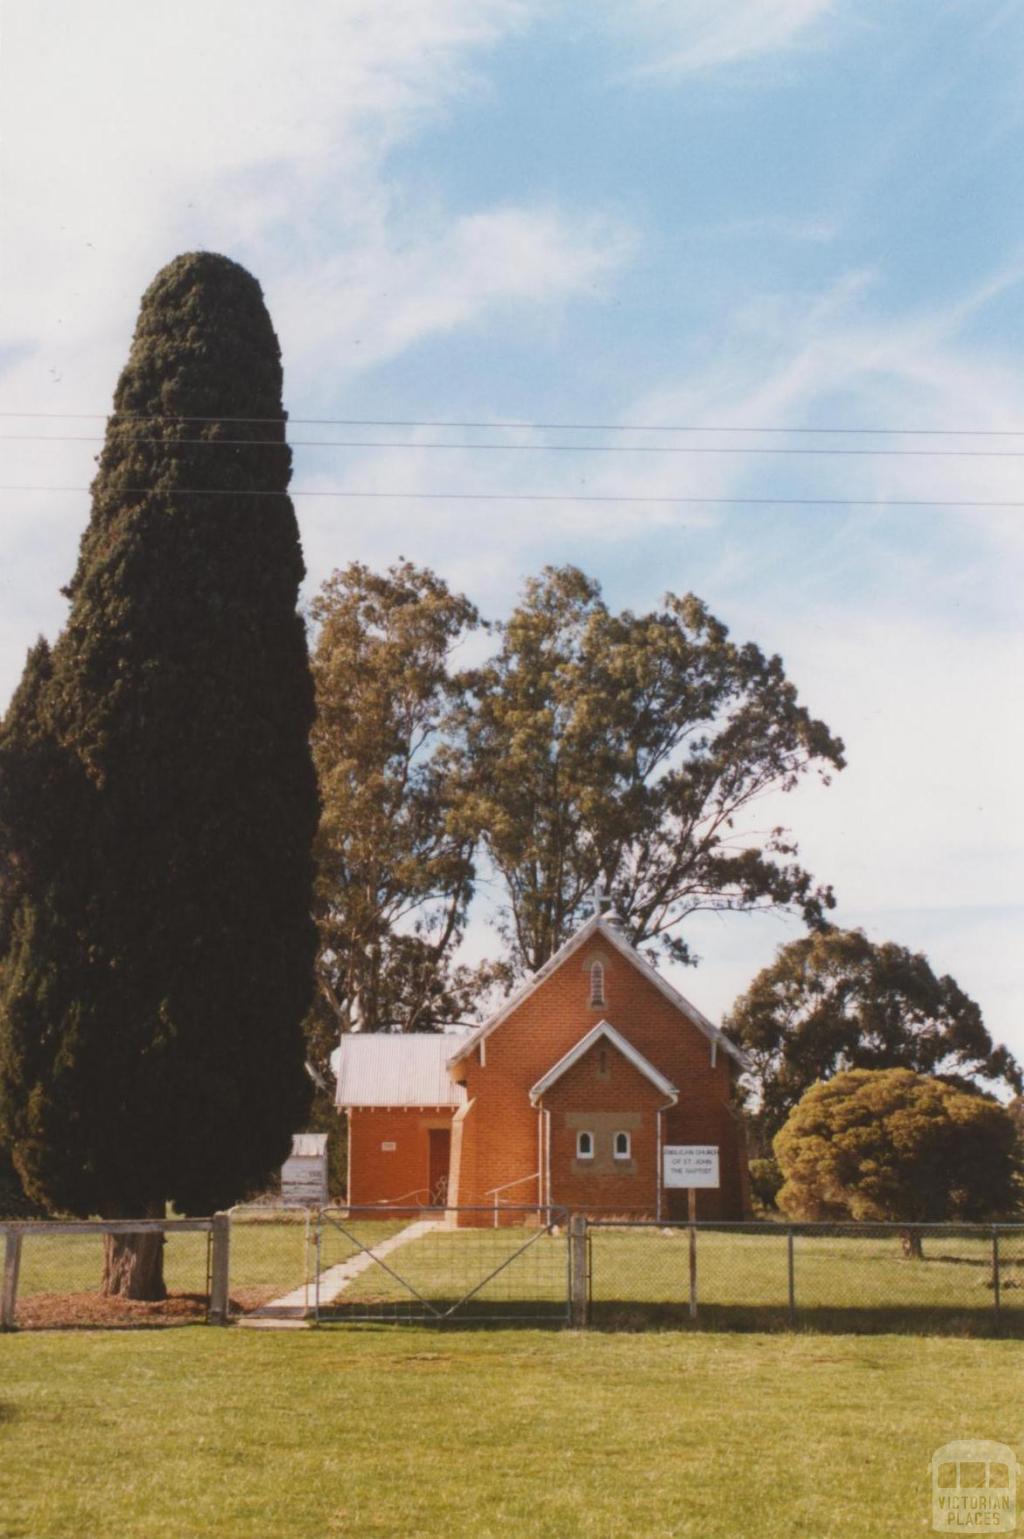 St John the Baptist Church of England, Rheola, 2010